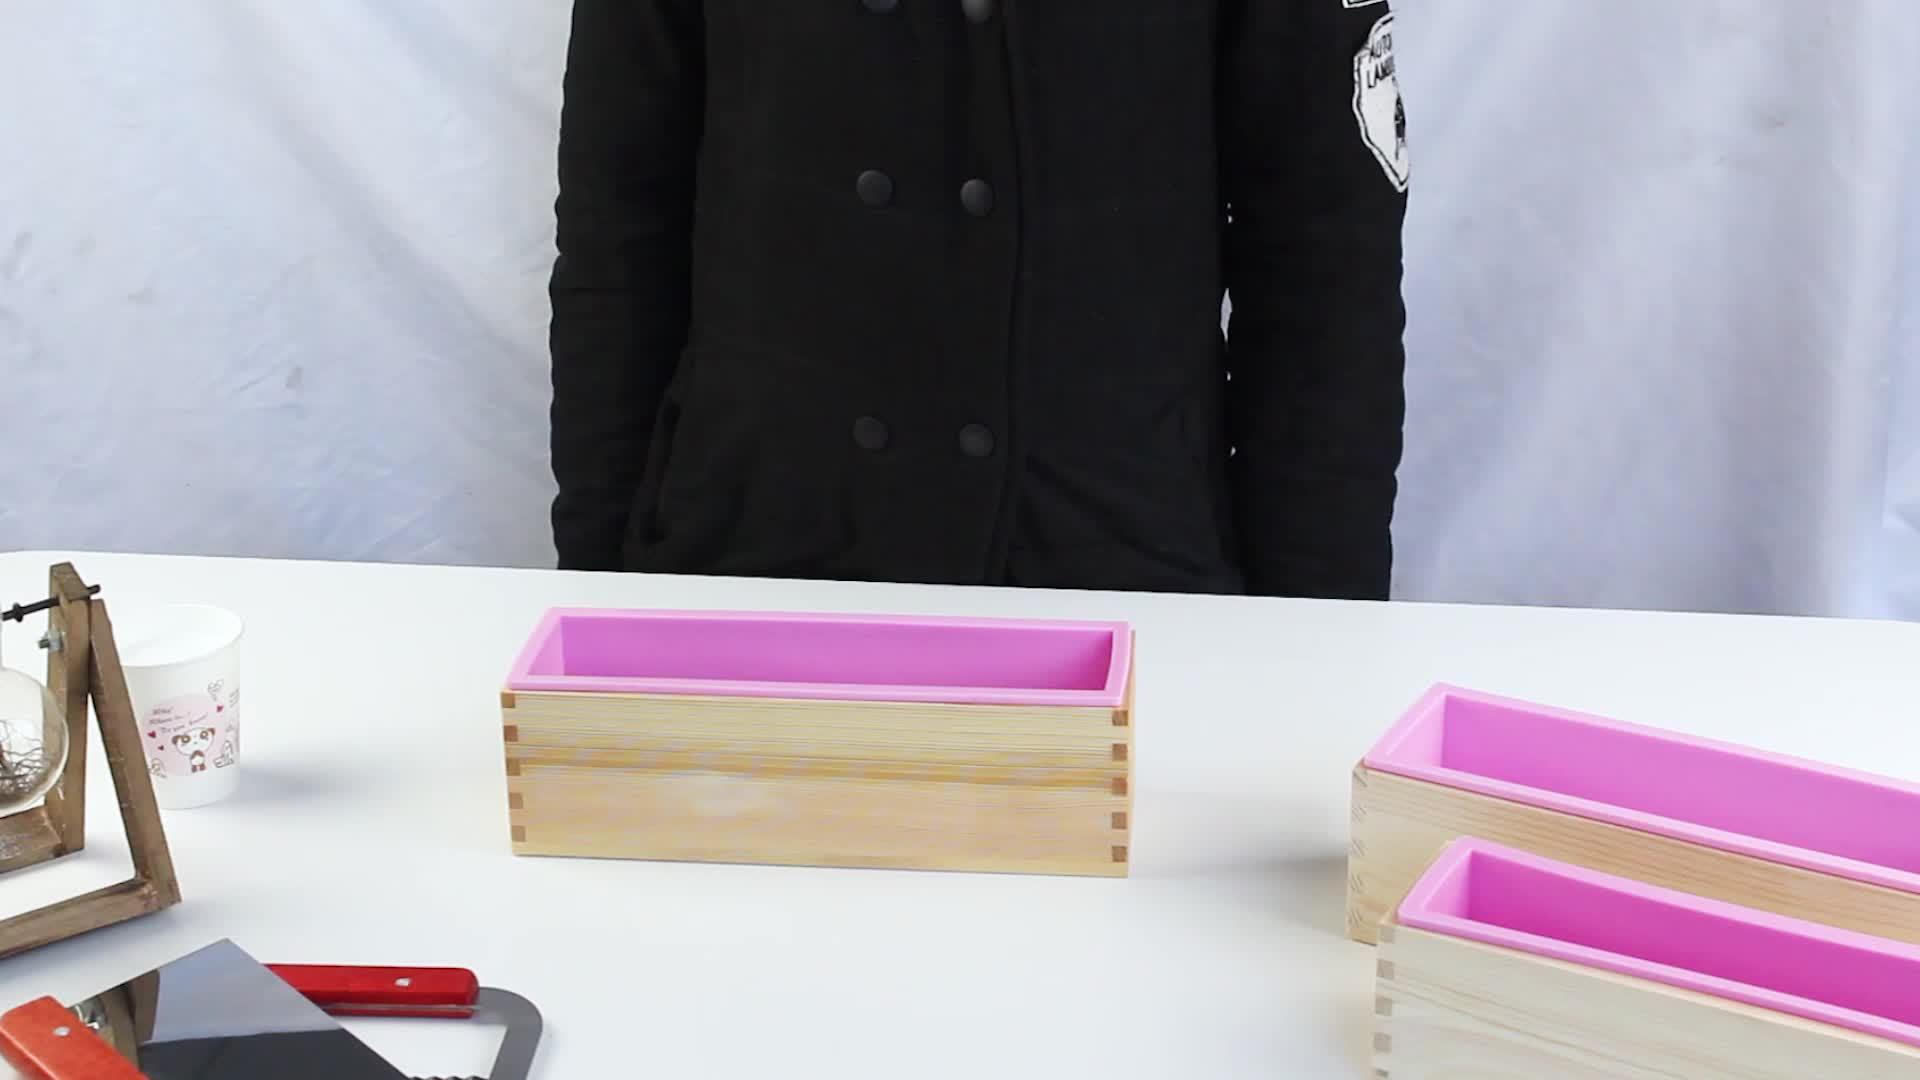 Atacado Handmade Personalizado Facilmente demolded Madeira Retângulo Molde Sabão Silicone